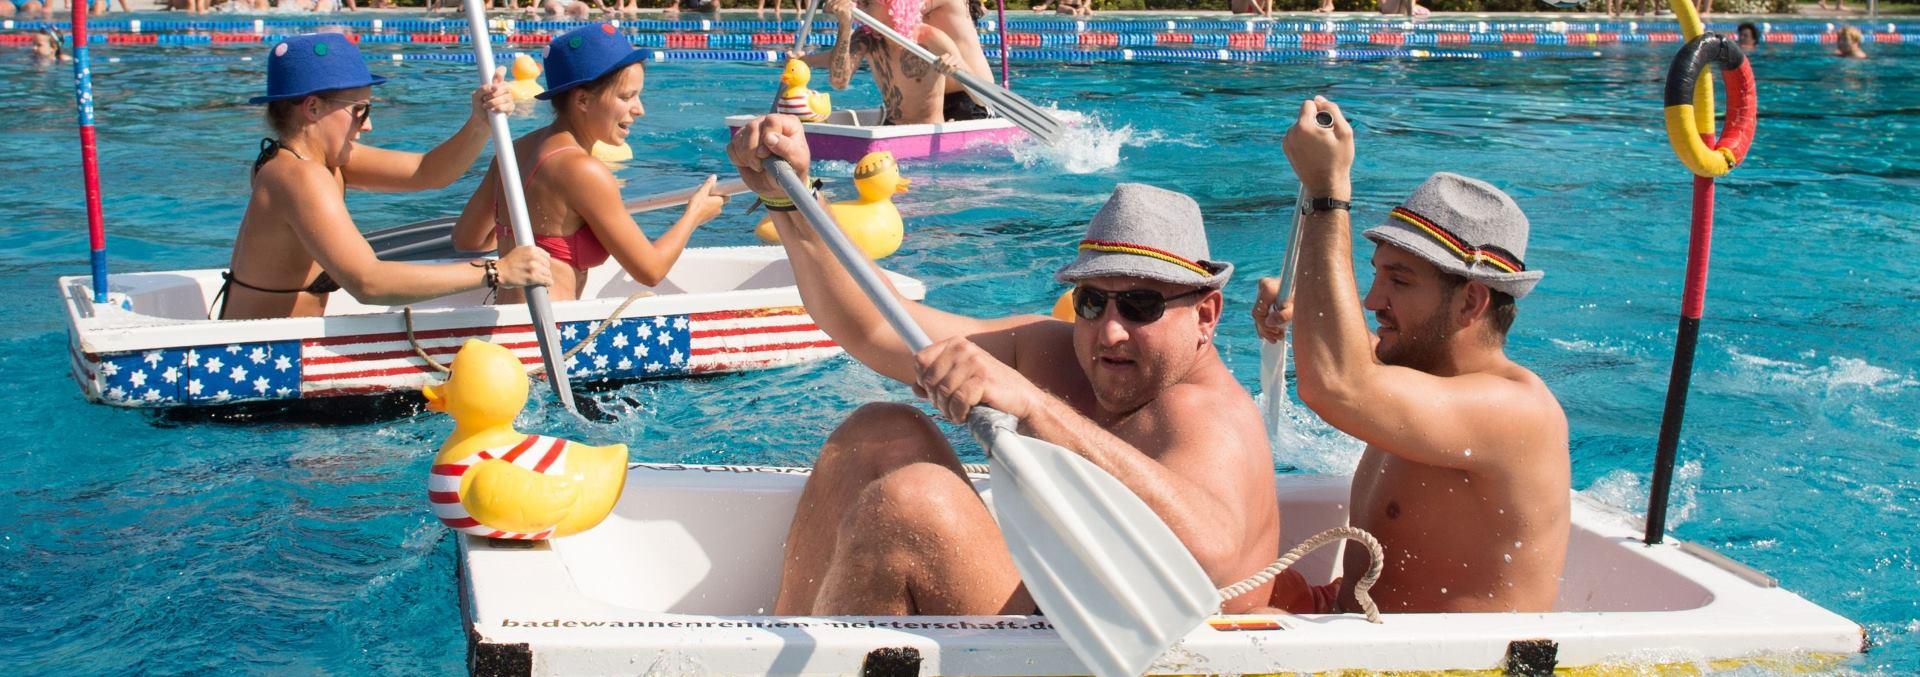 ZABAVA Svjetsko prvenstvo u utrkama kada za kupanje